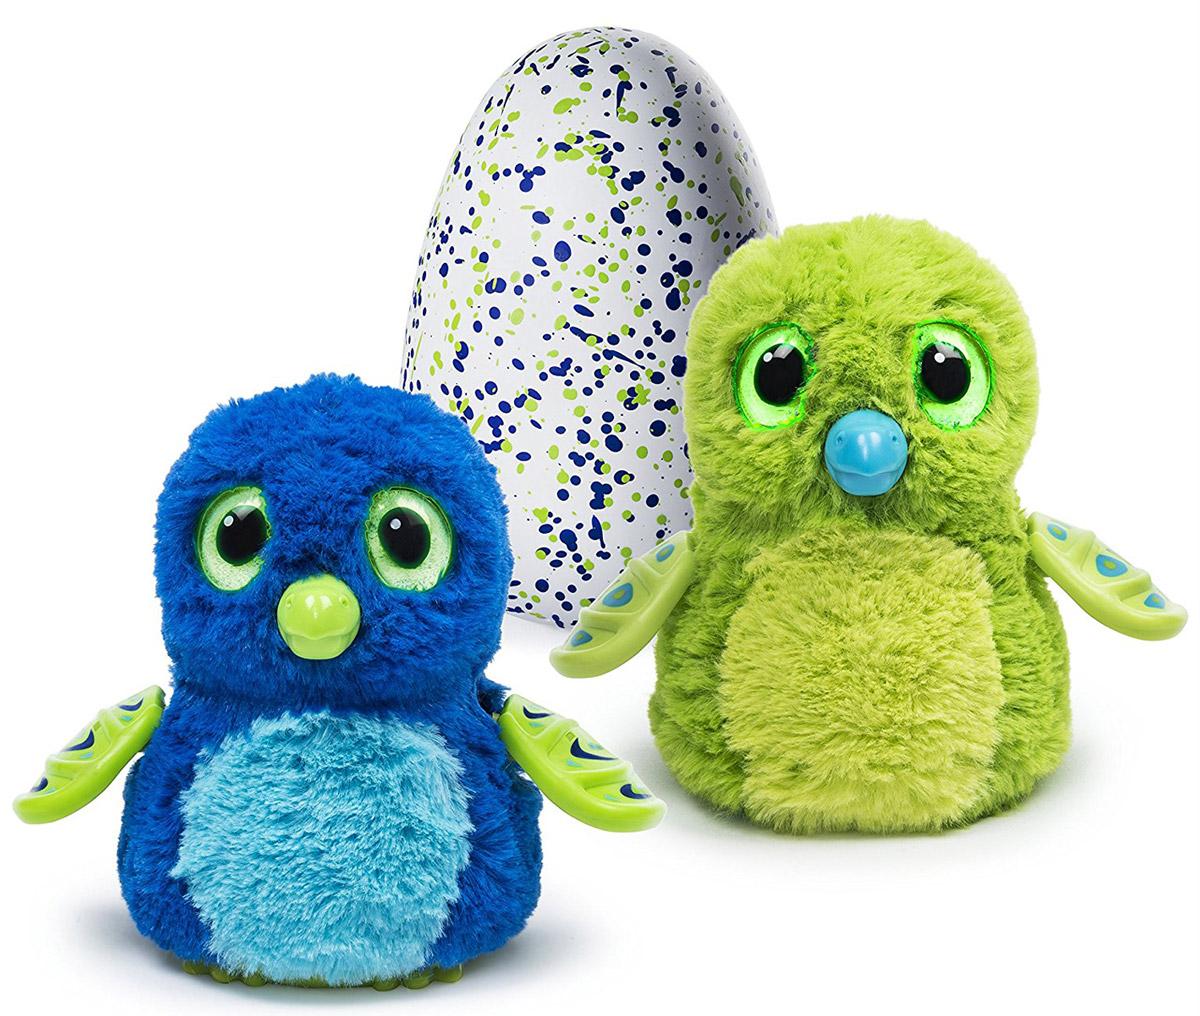 Hatchimals Интерактивная игрушка Дракоша цвет зеленый синий